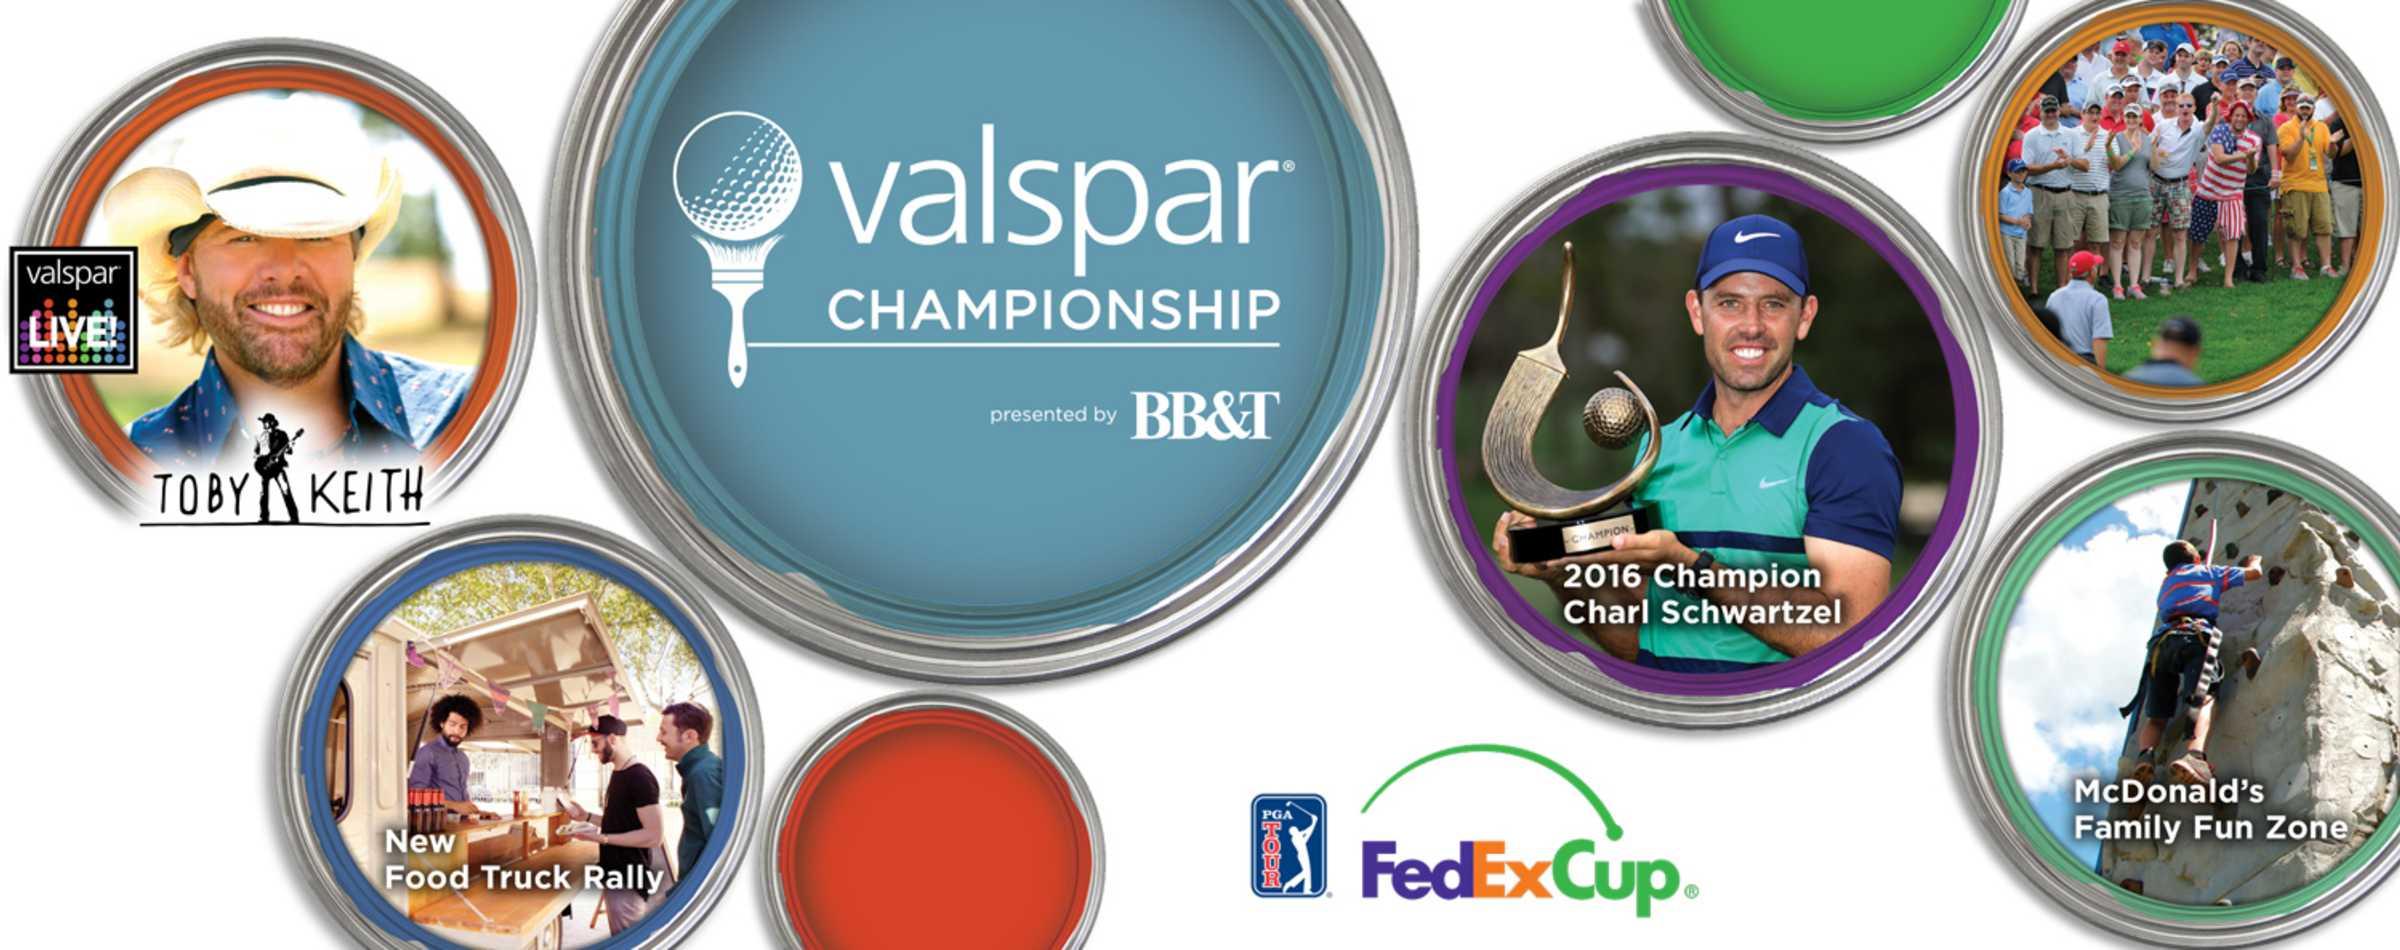 Valspar Championship 2017